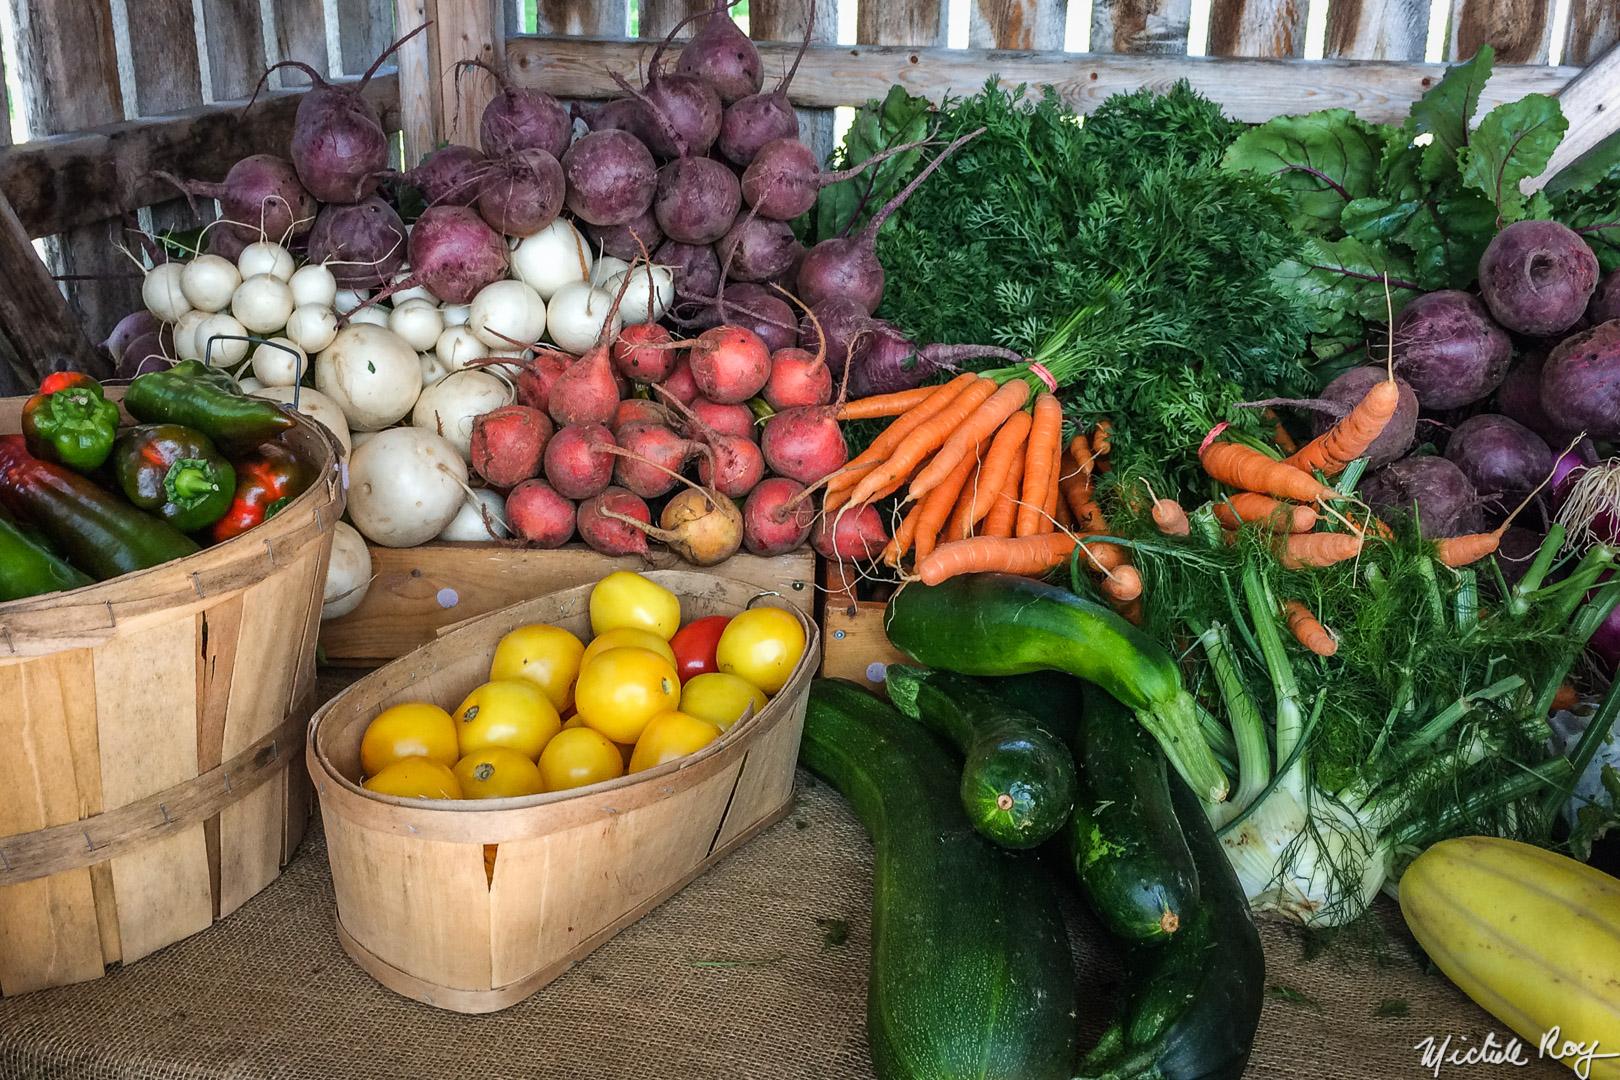 Fraîcheur dans le frigo / Freshness in the fridge